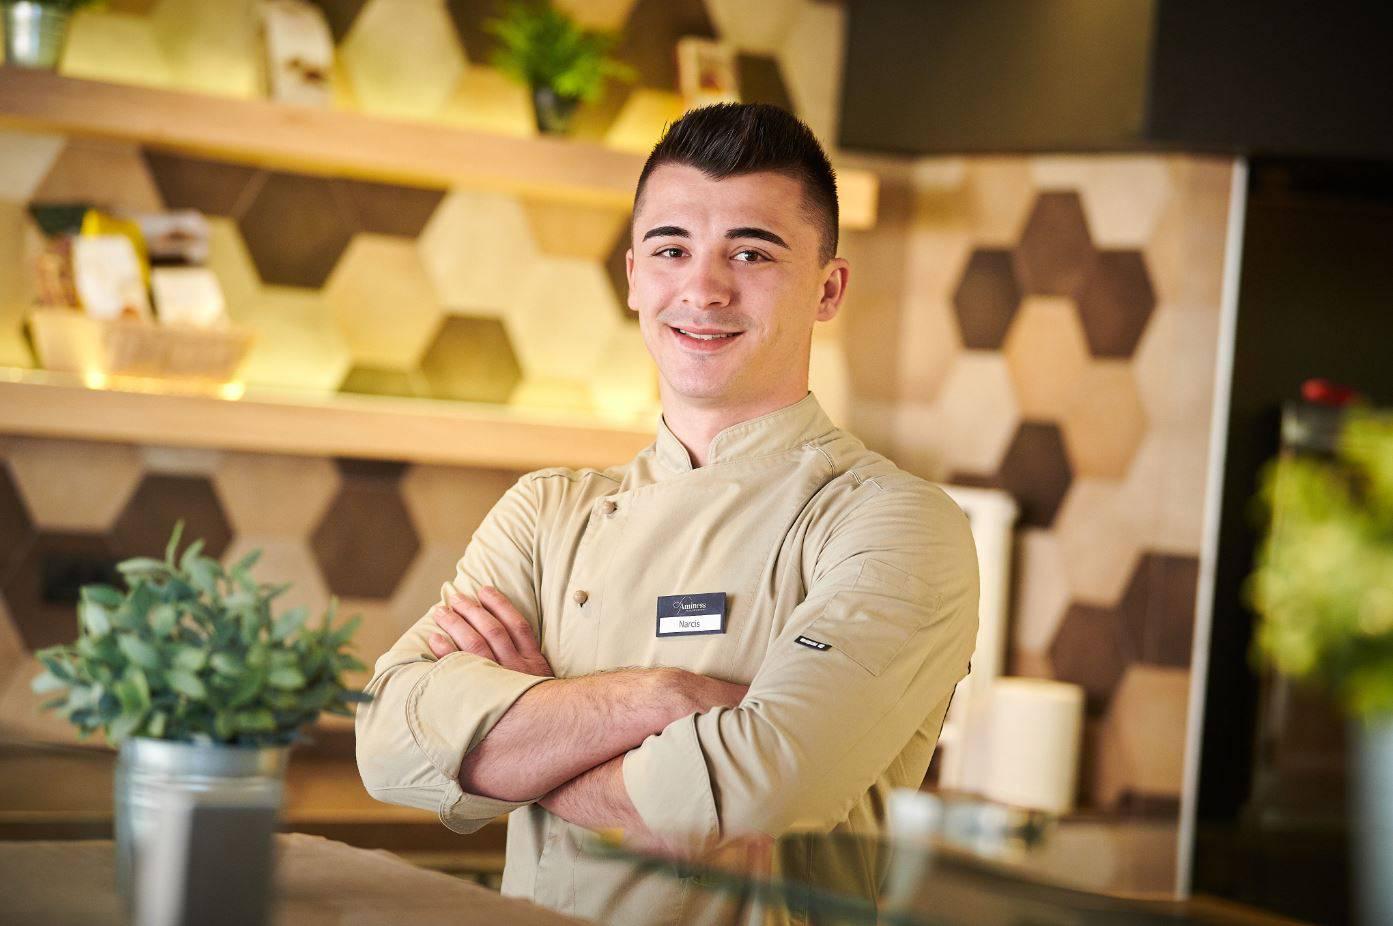 Mladi chef otkrio nam je kako se radi u à la carte restoranu